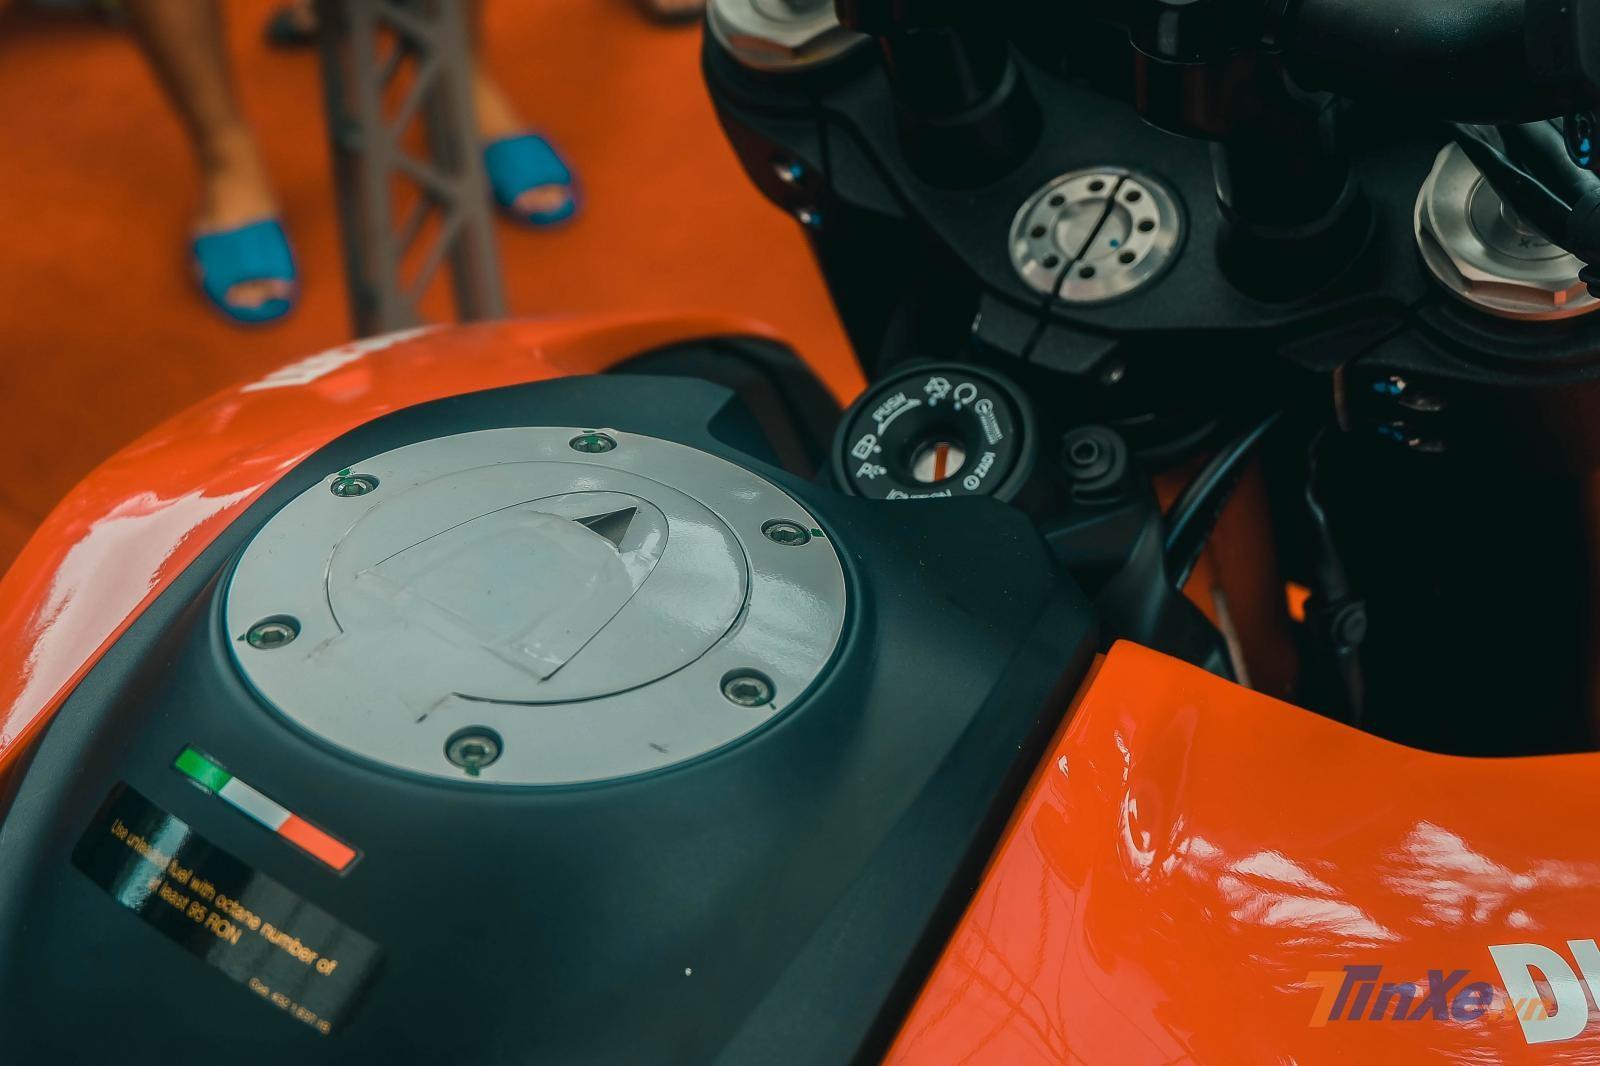 Chiếc xe sở hữu màu sơn đỏ đen tuyệt đẹp, đậm chất Ducati